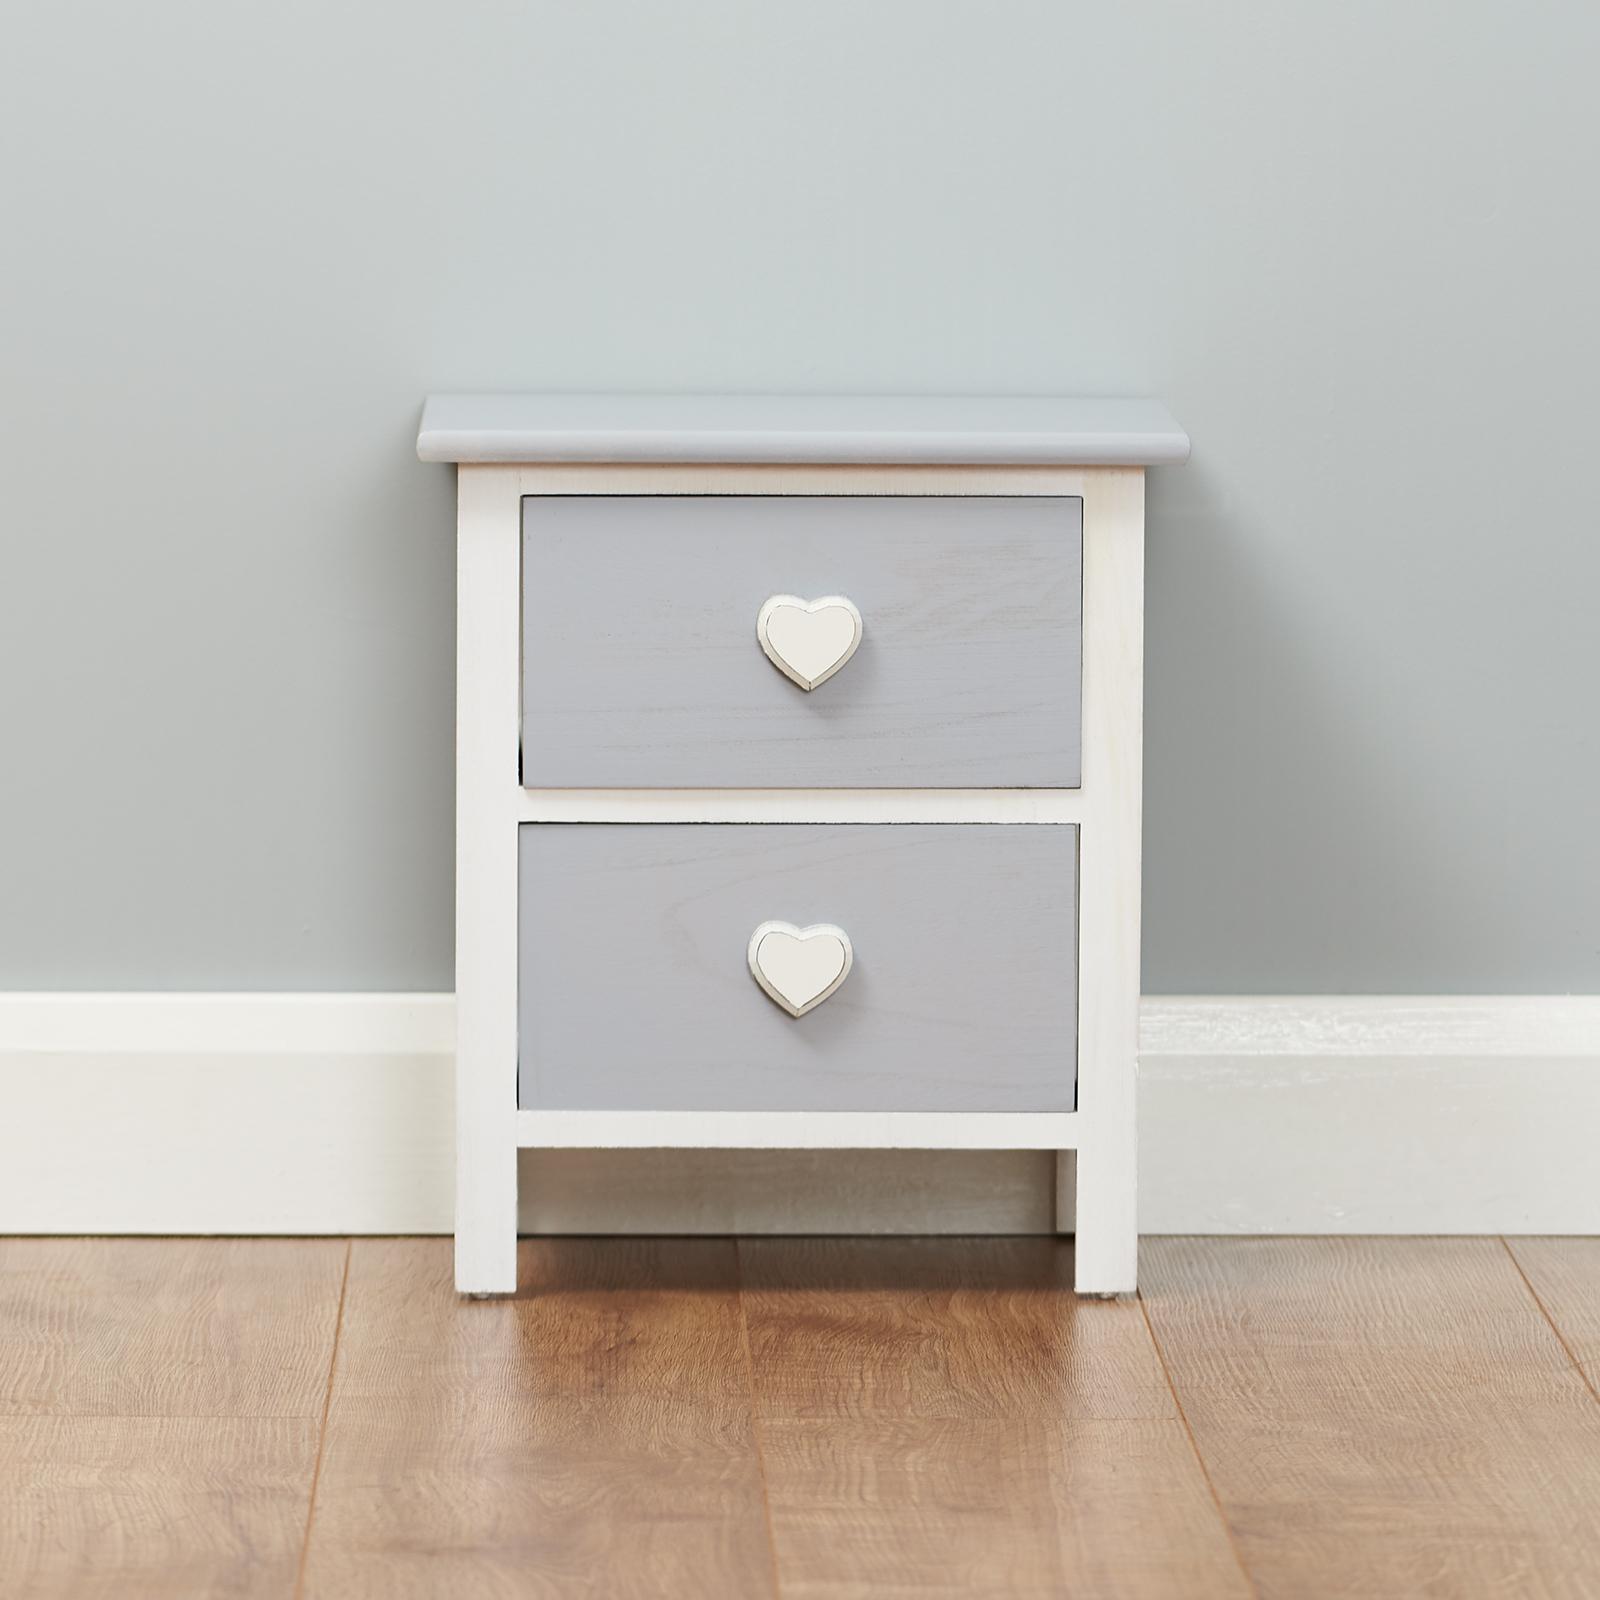 roost petite table de nuit chevet blanche et grise avec 2 tiroirs de rangement ebay. Black Bedroom Furniture Sets. Home Design Ideas